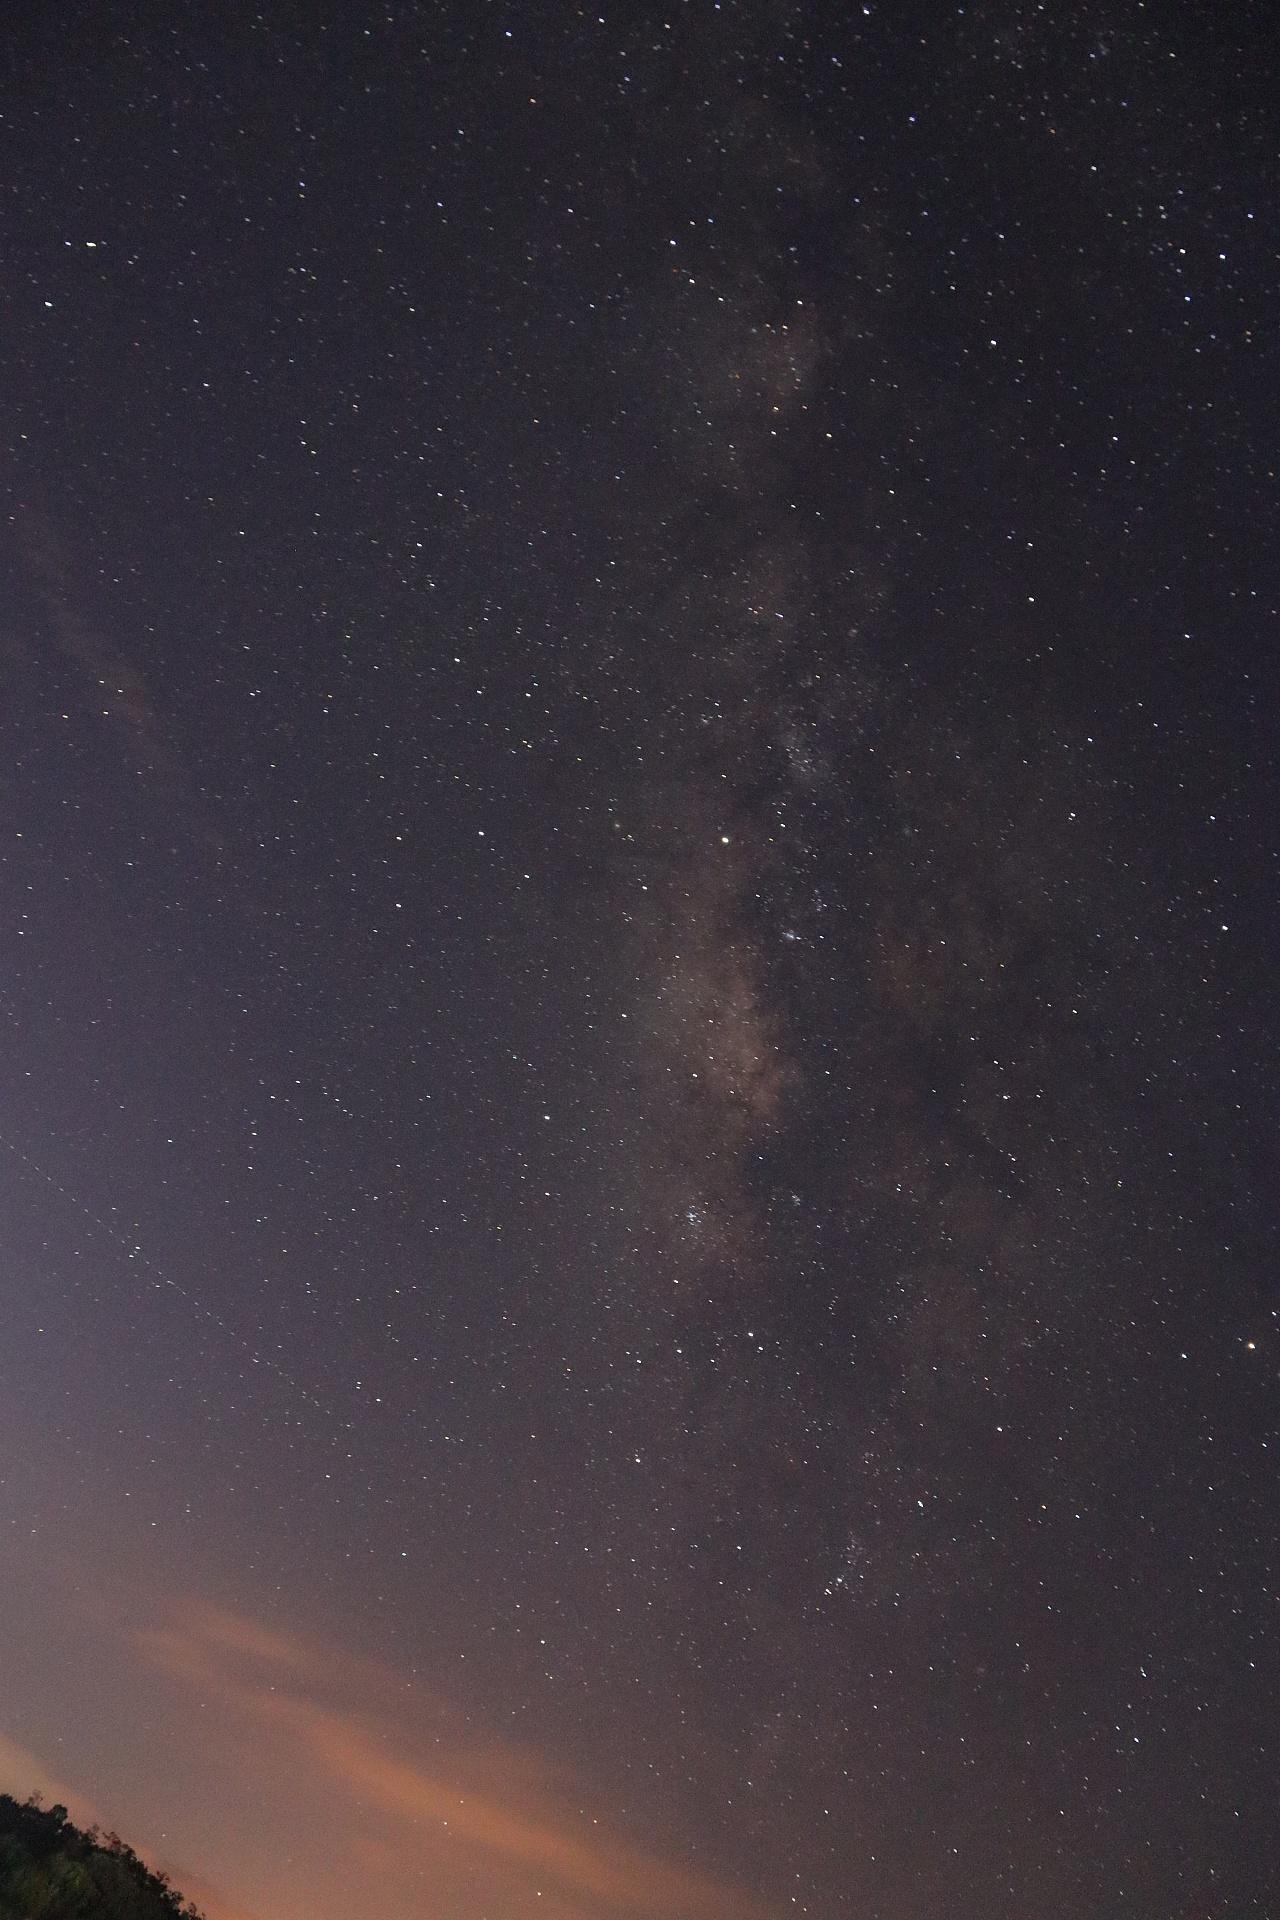 夜空中最亮的星歌谱